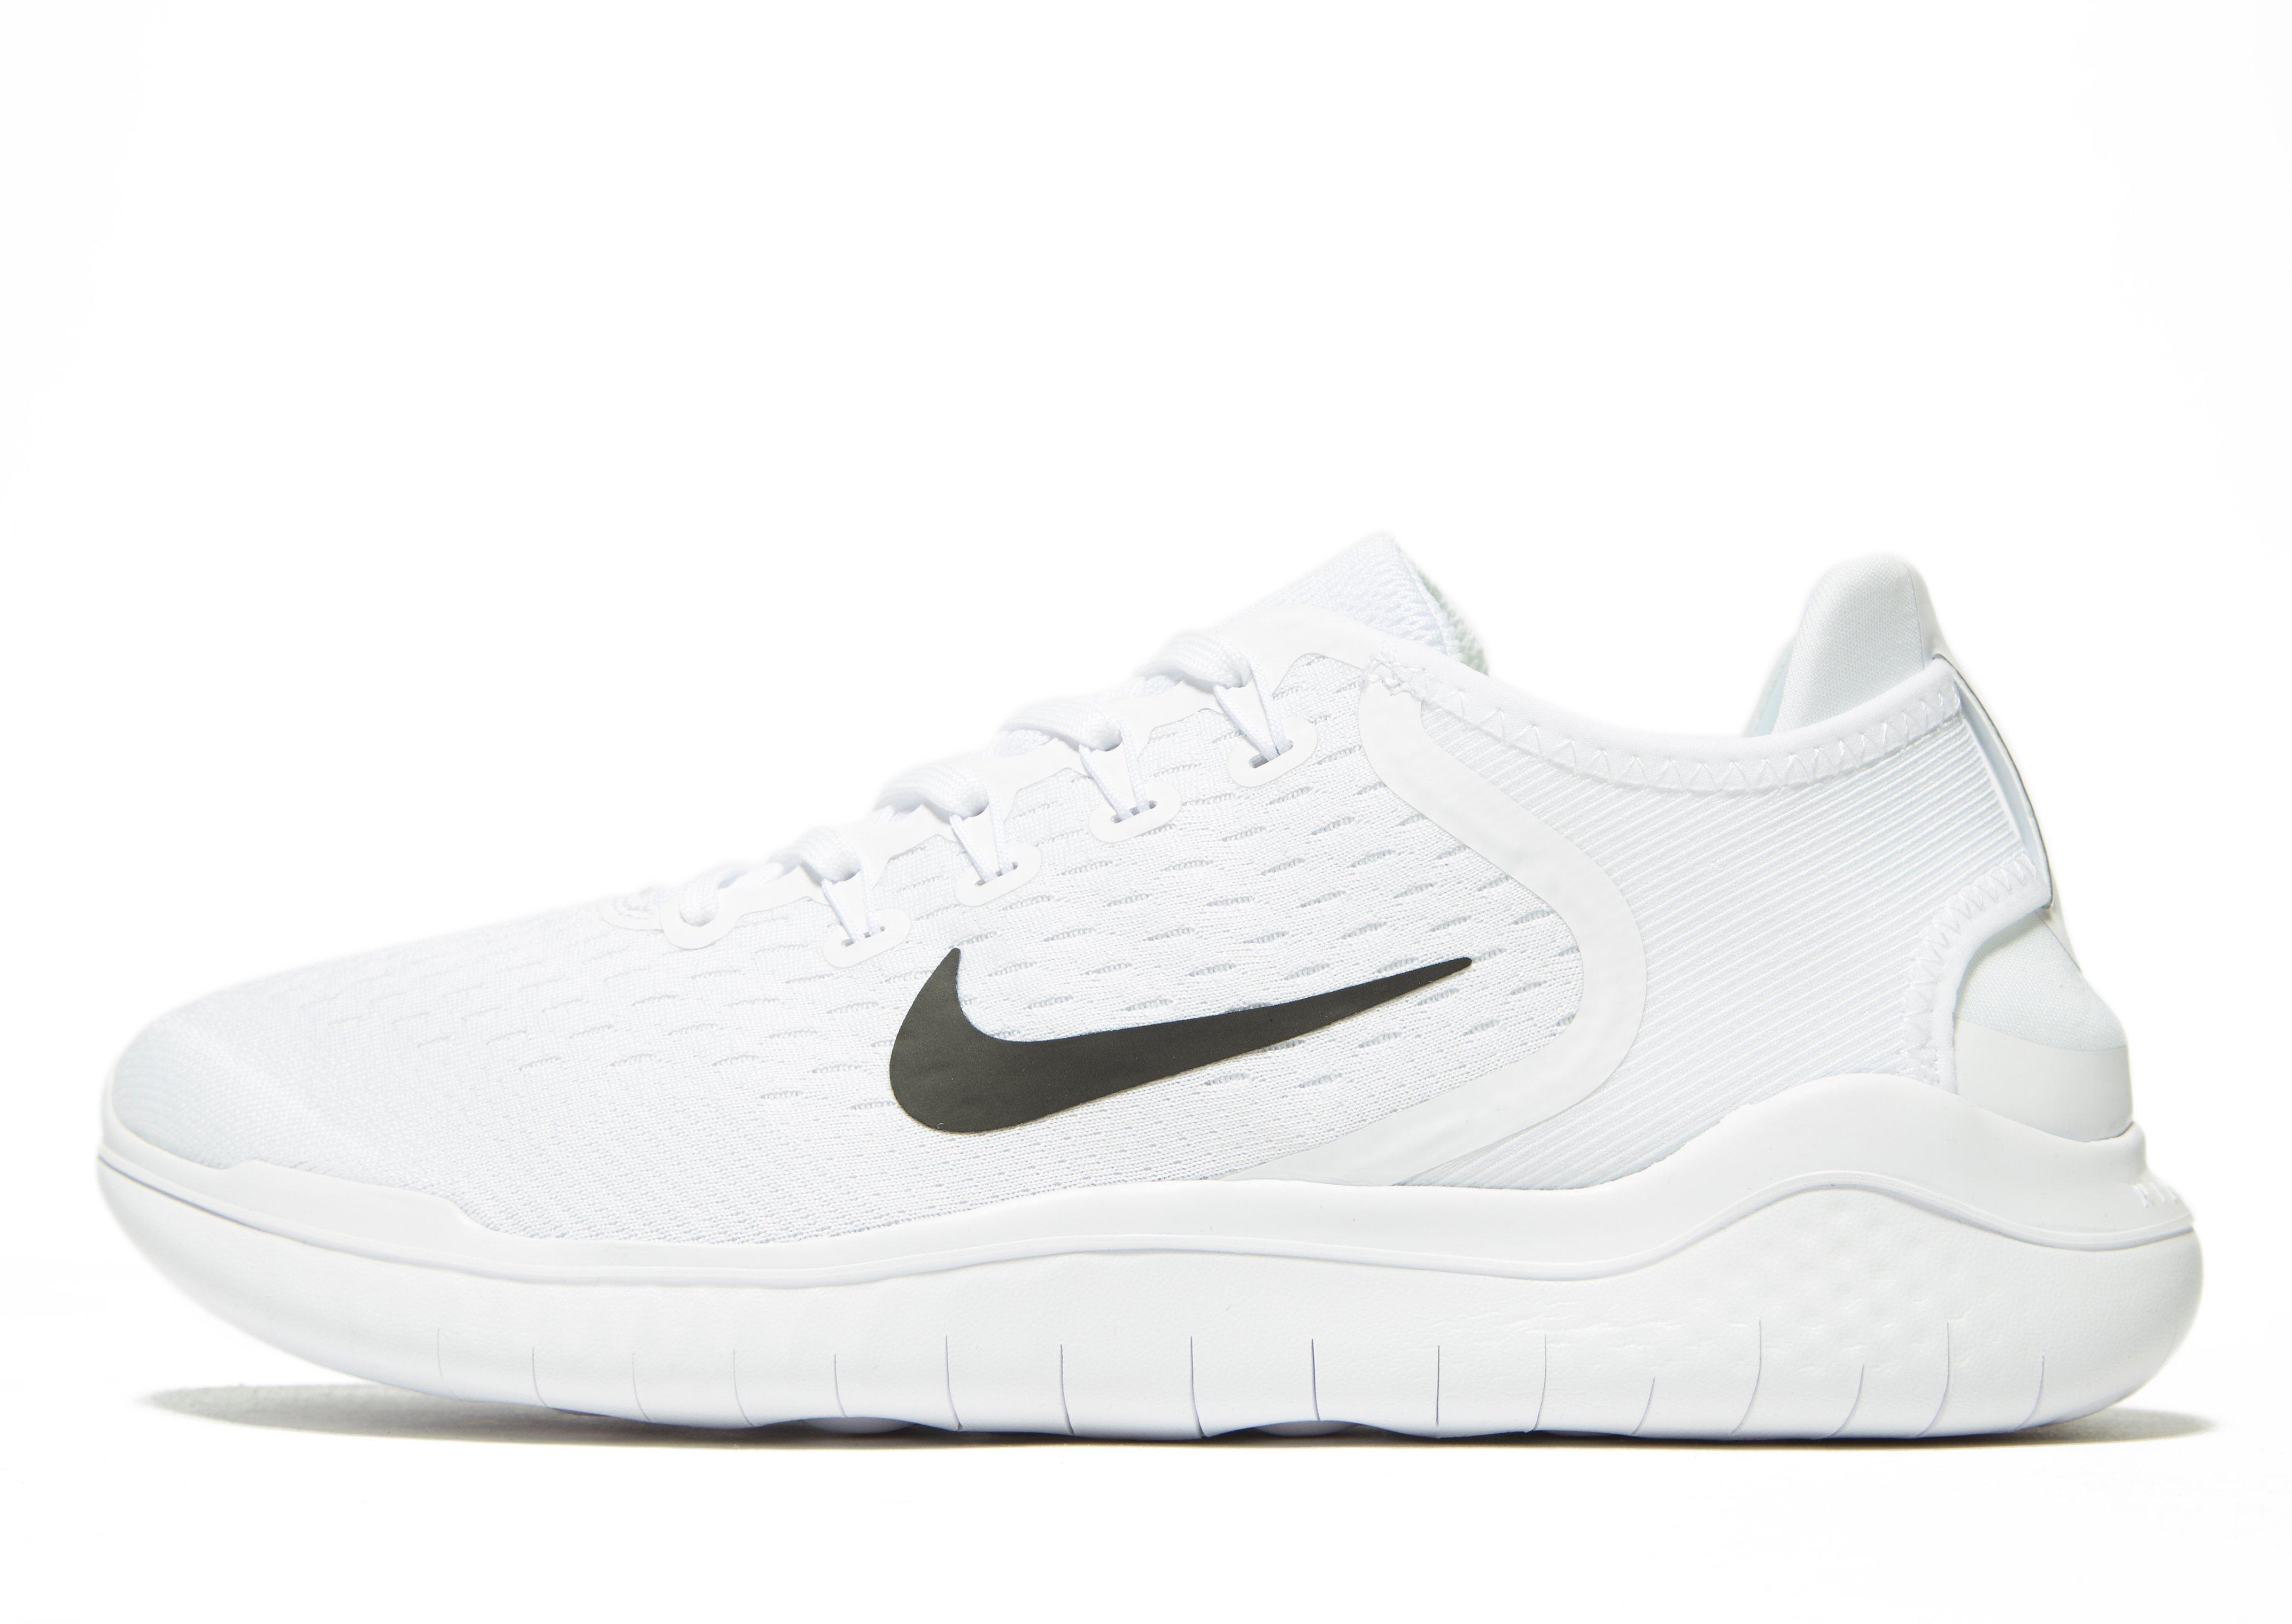 9ebd6e6fc174f Nike Free Rn 2018 in White for Men - Lyst